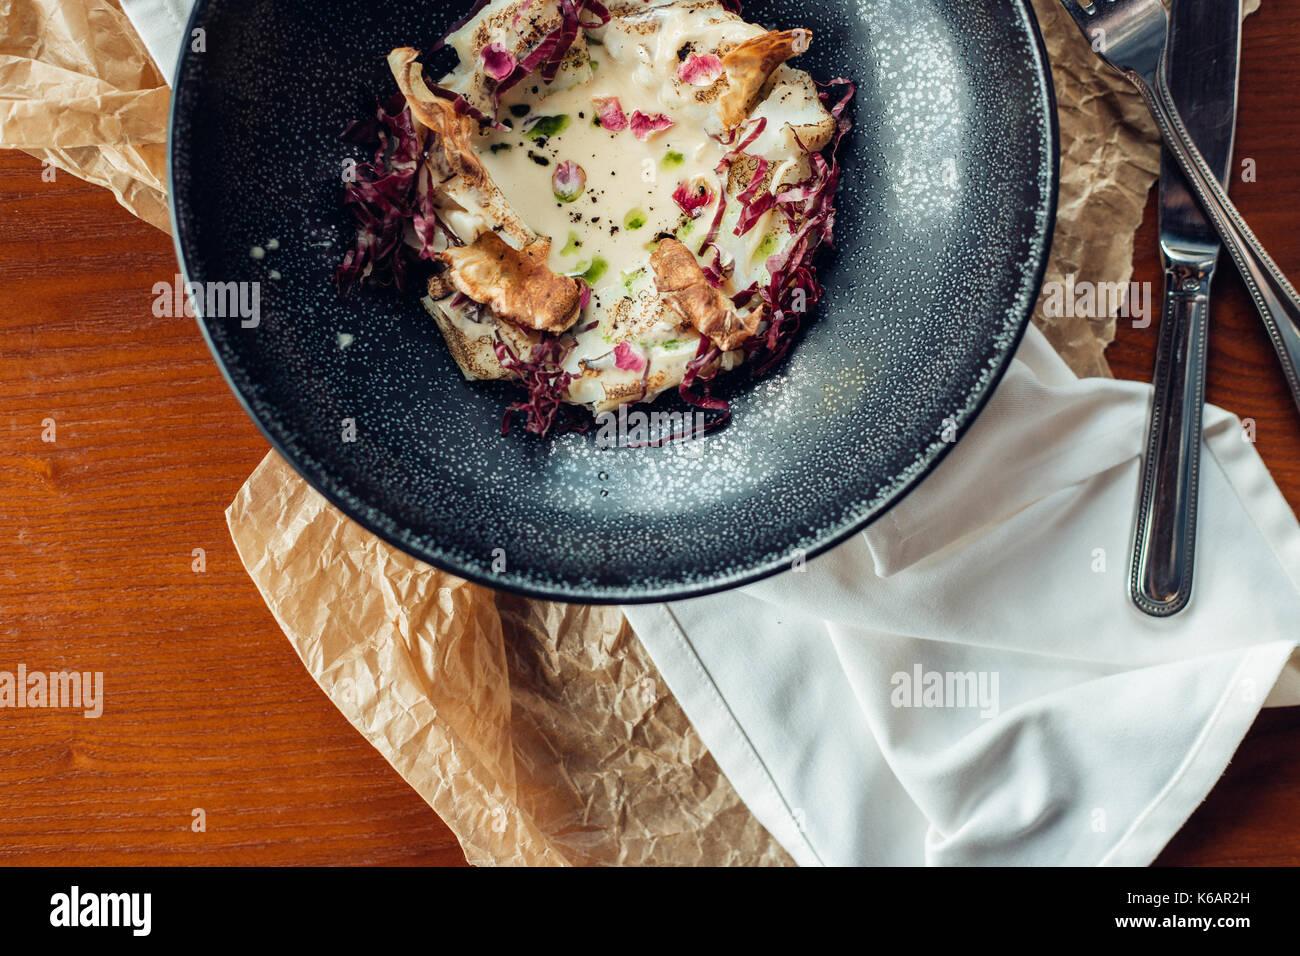 bowl of oatmeal porridge on wood background - Stock Image